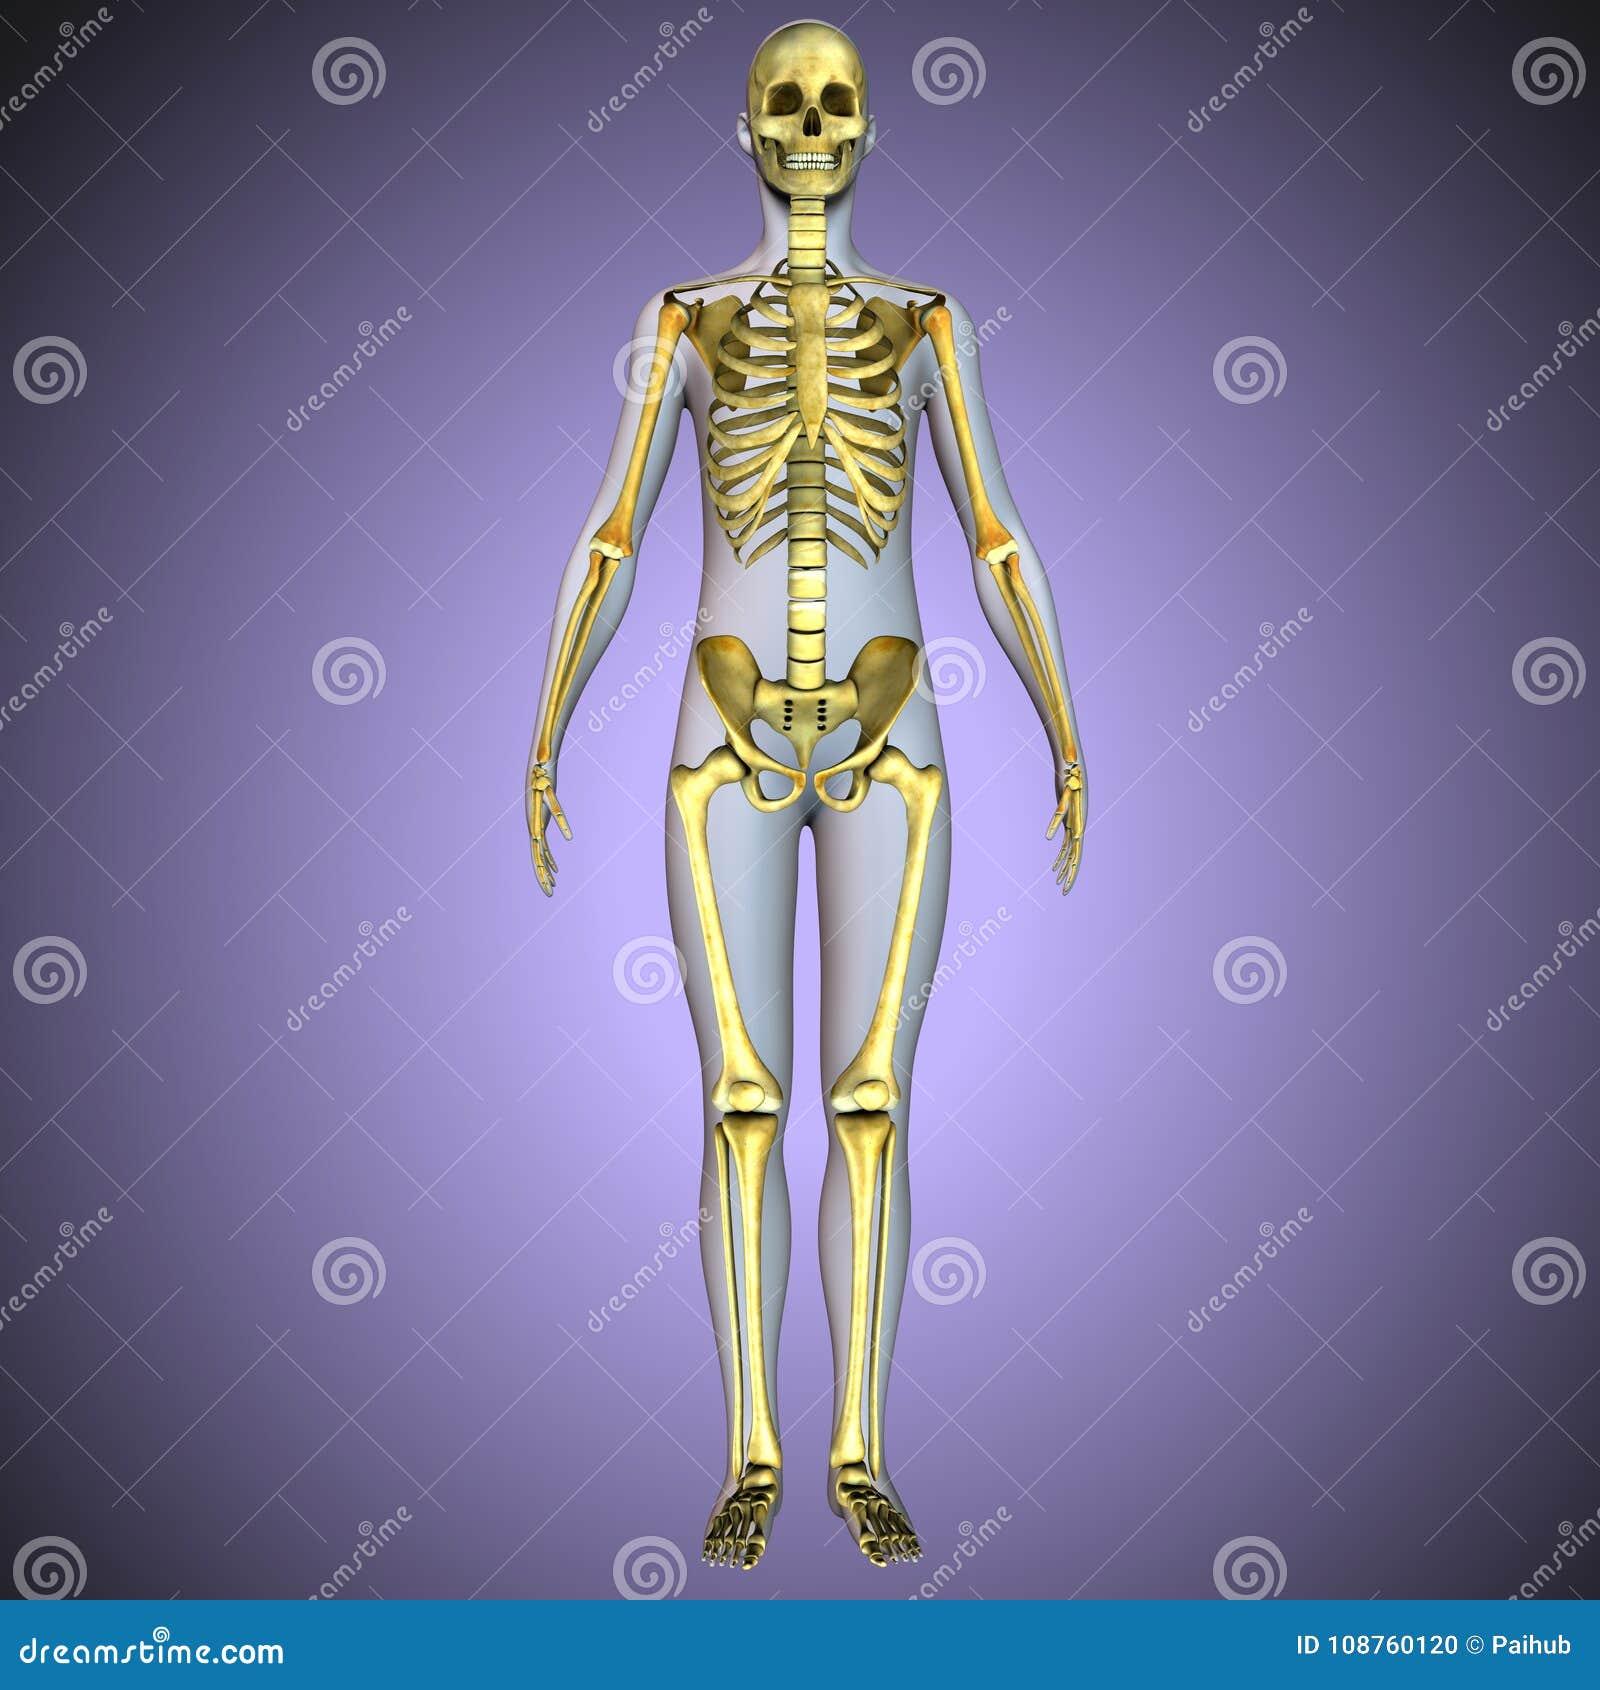 Schön Tragen Skelett Anatomie Bilder - Menschliche Anatomie Bilder ...